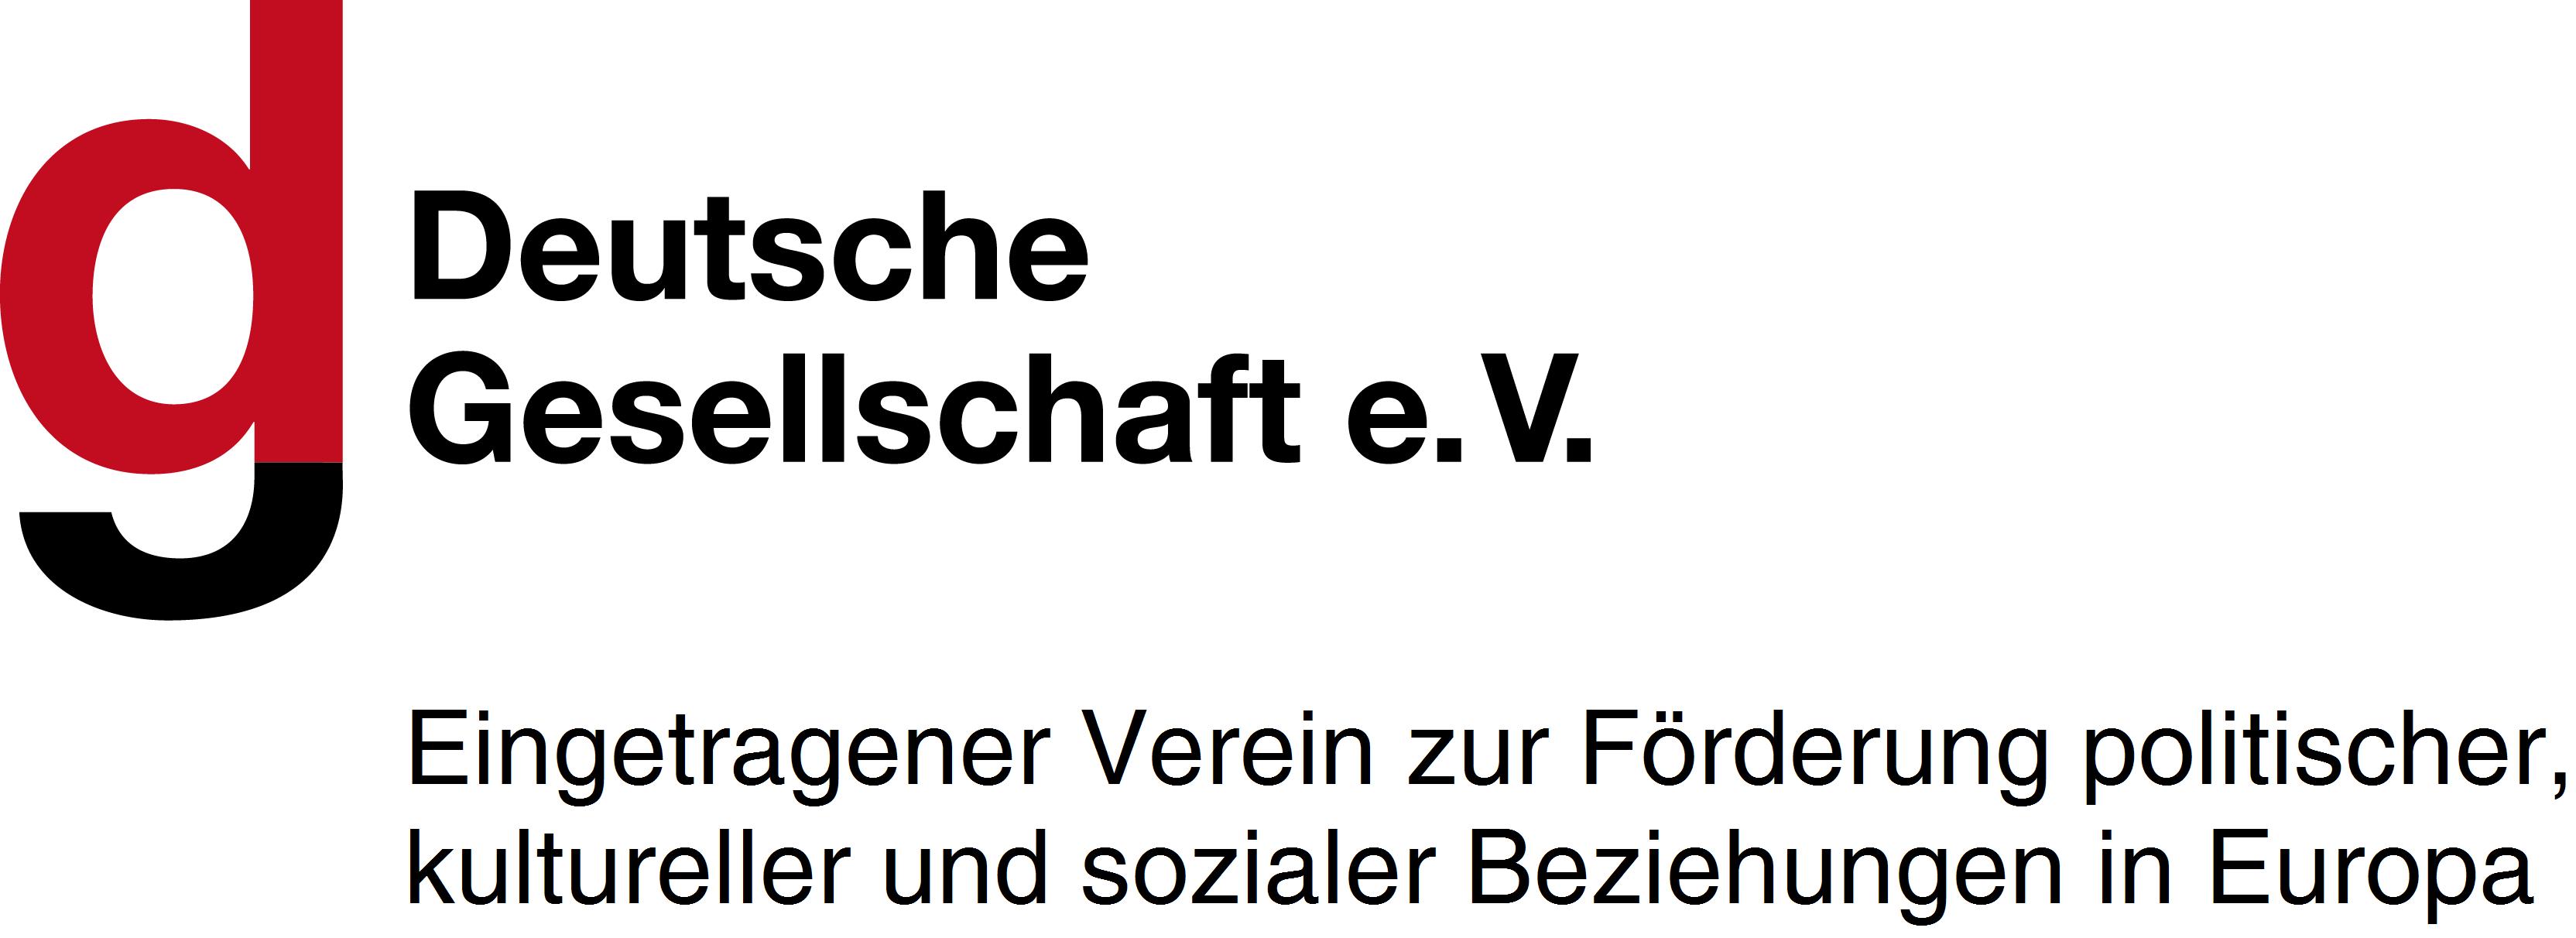 Vortragsangebot der Deutschen Gesellschaft e.V.